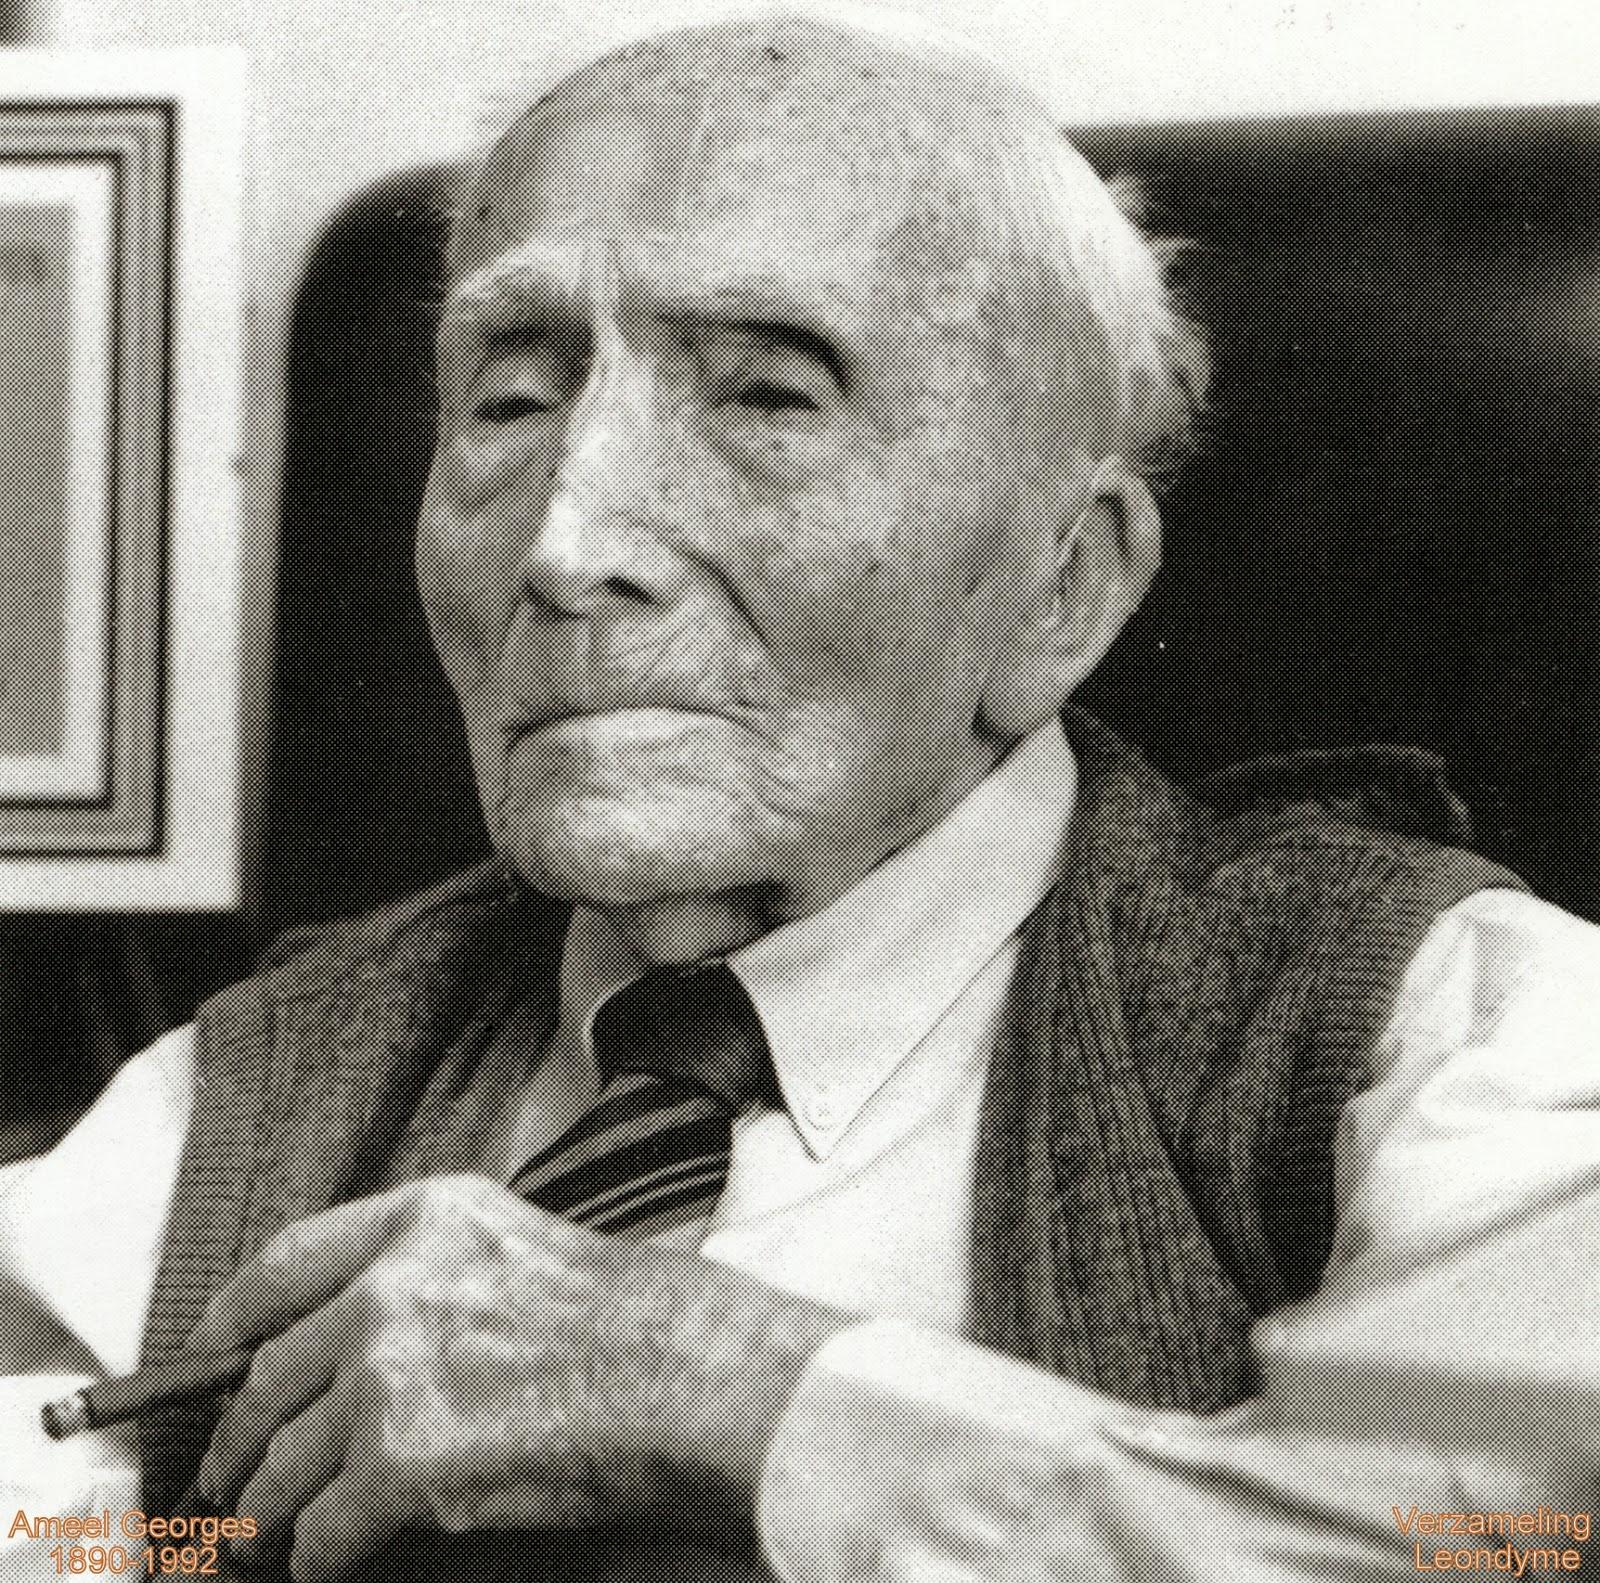 Bidprentje van honderdjarige Georges Ameel 1890-1992